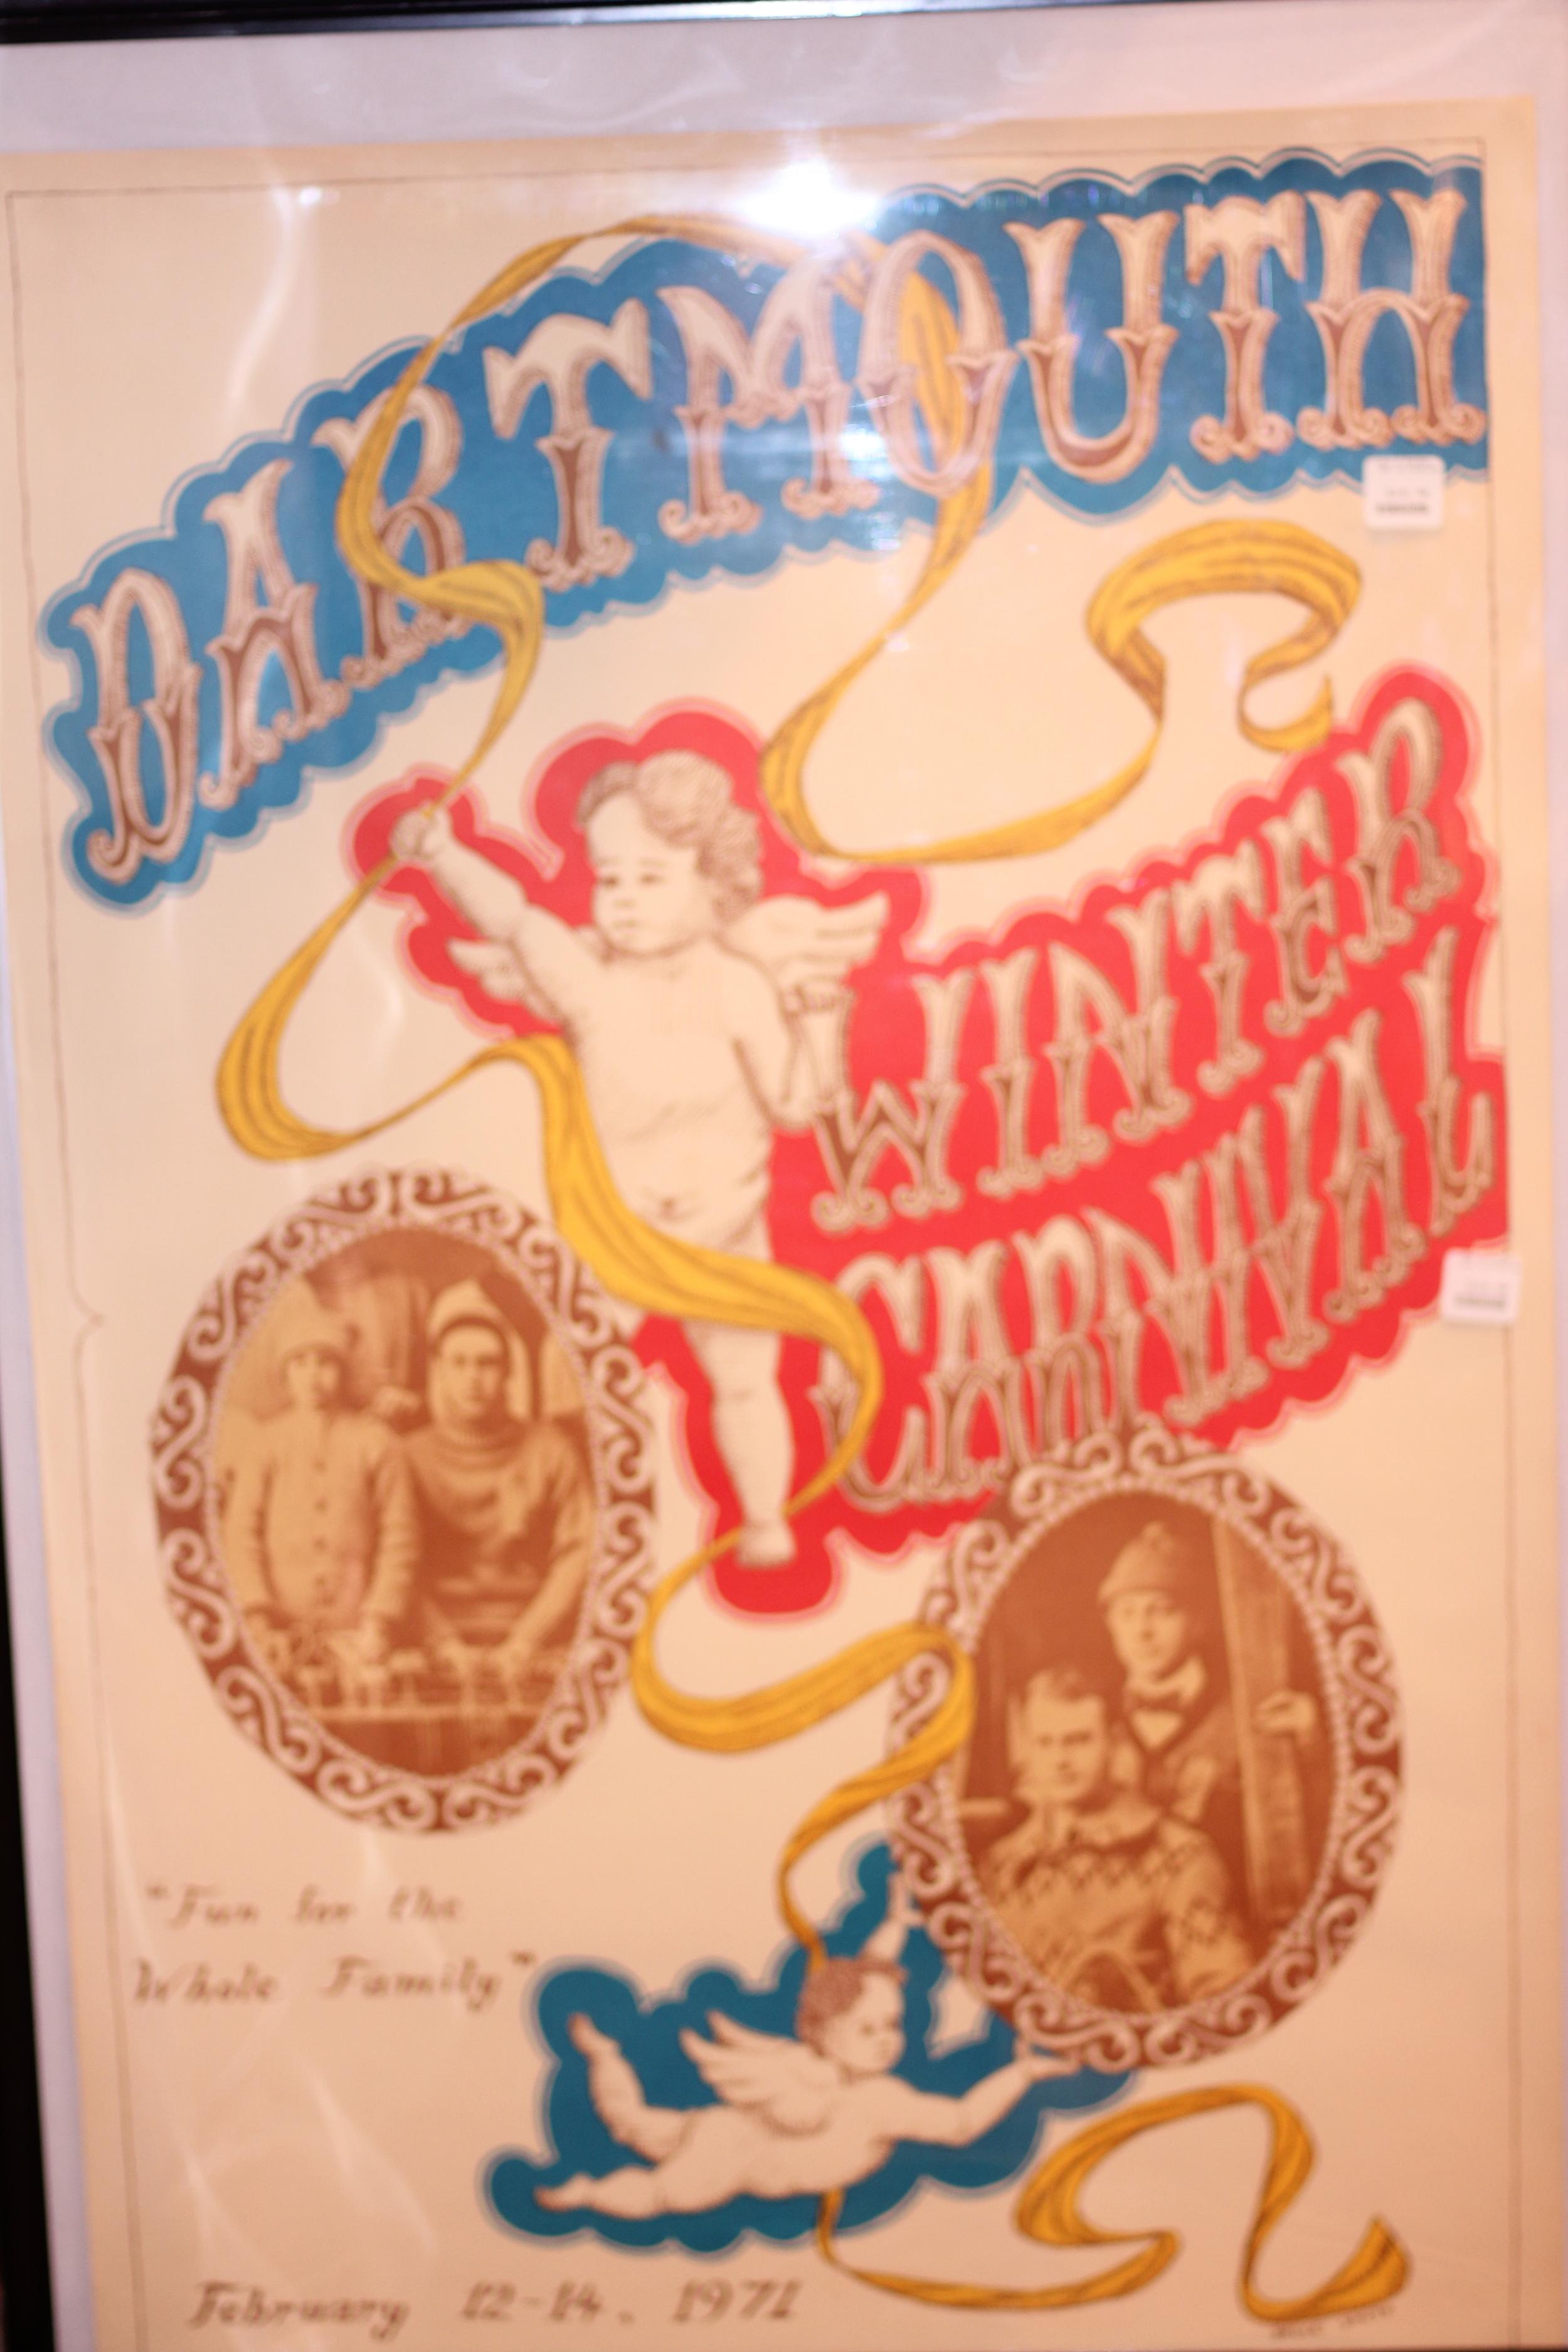 Dartmouth Winter Carnival 1971